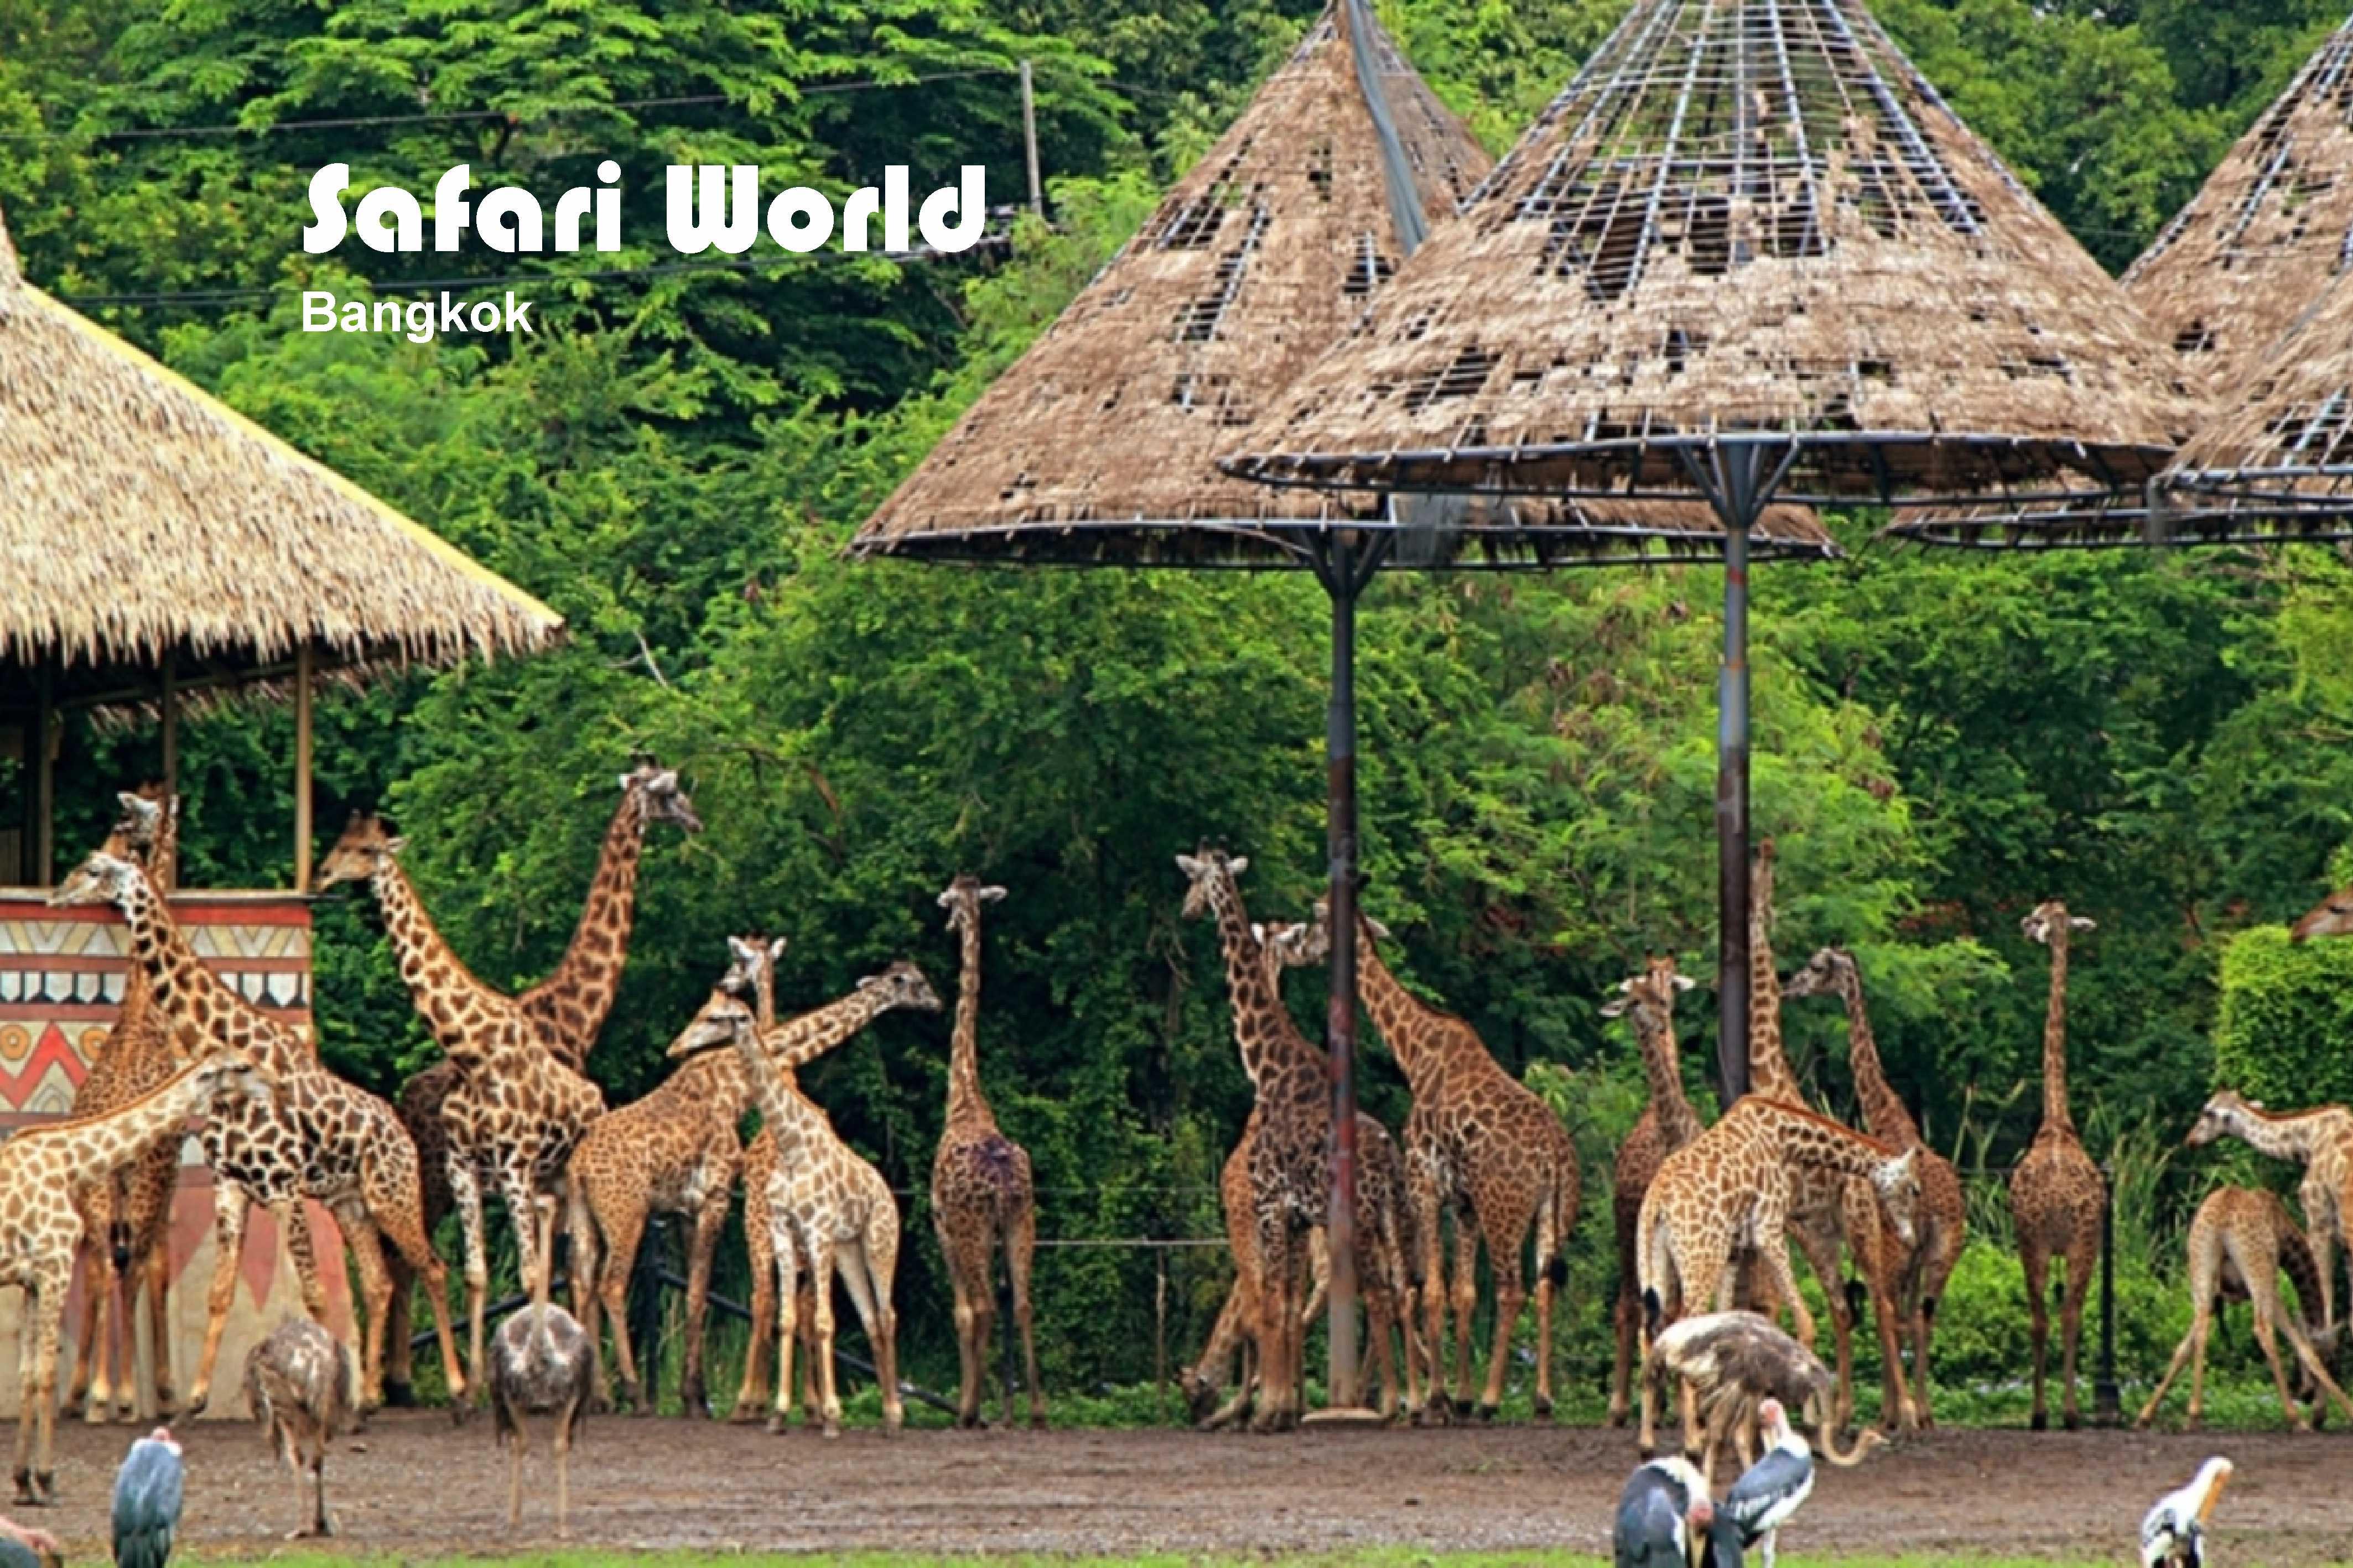 11Safari World